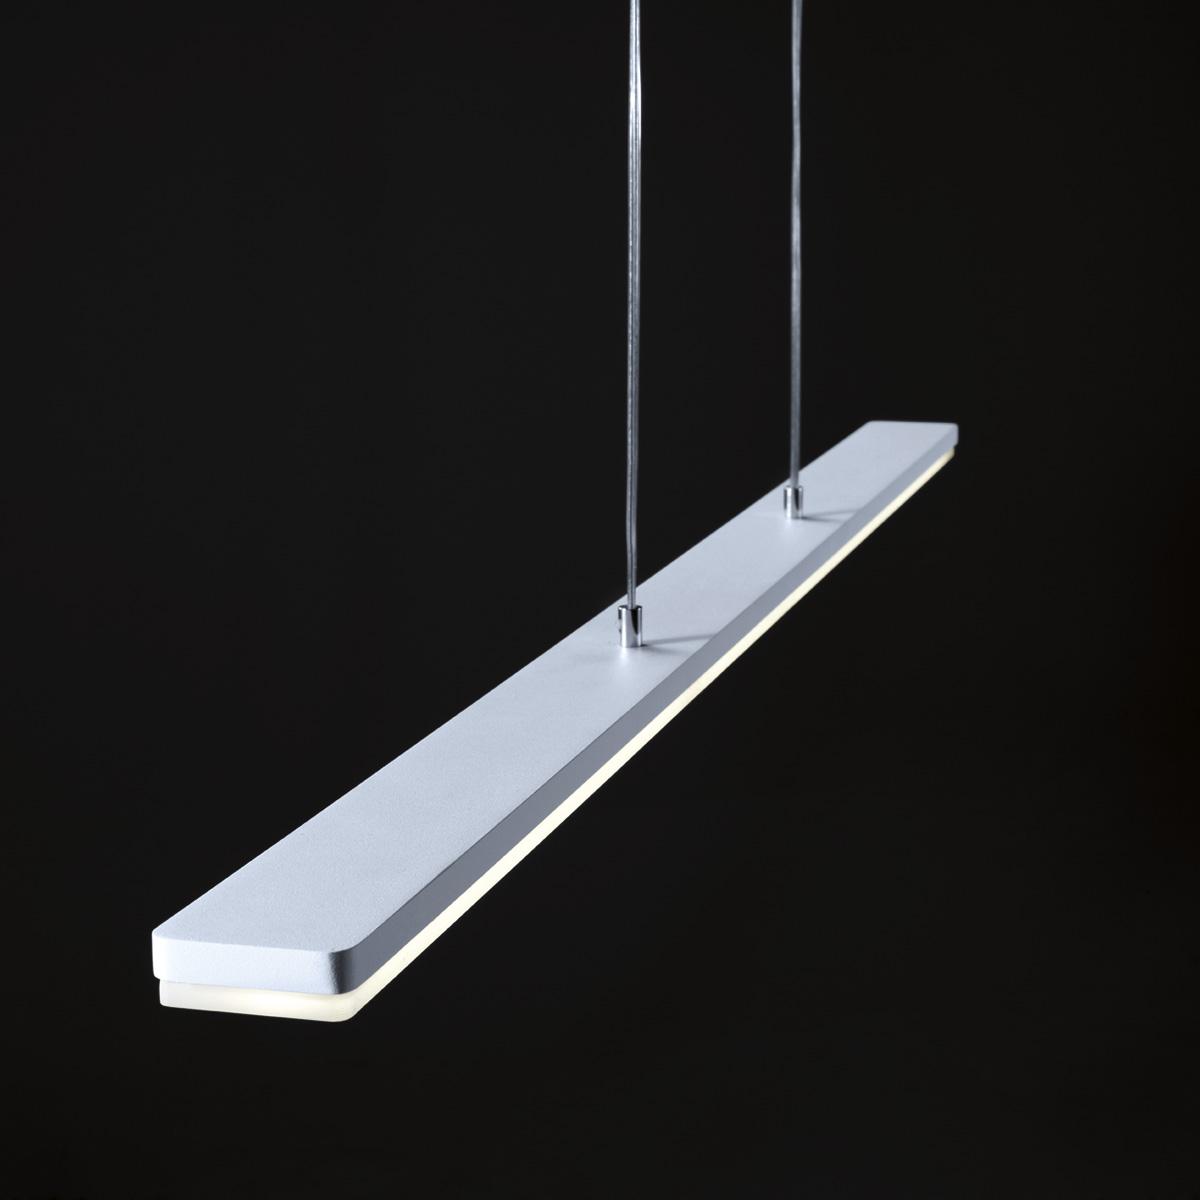 led pendelleuchte dimmbar led pendelleuchte beleuchtung. Black Bedroom Furniture Sets. Home Design Ideas